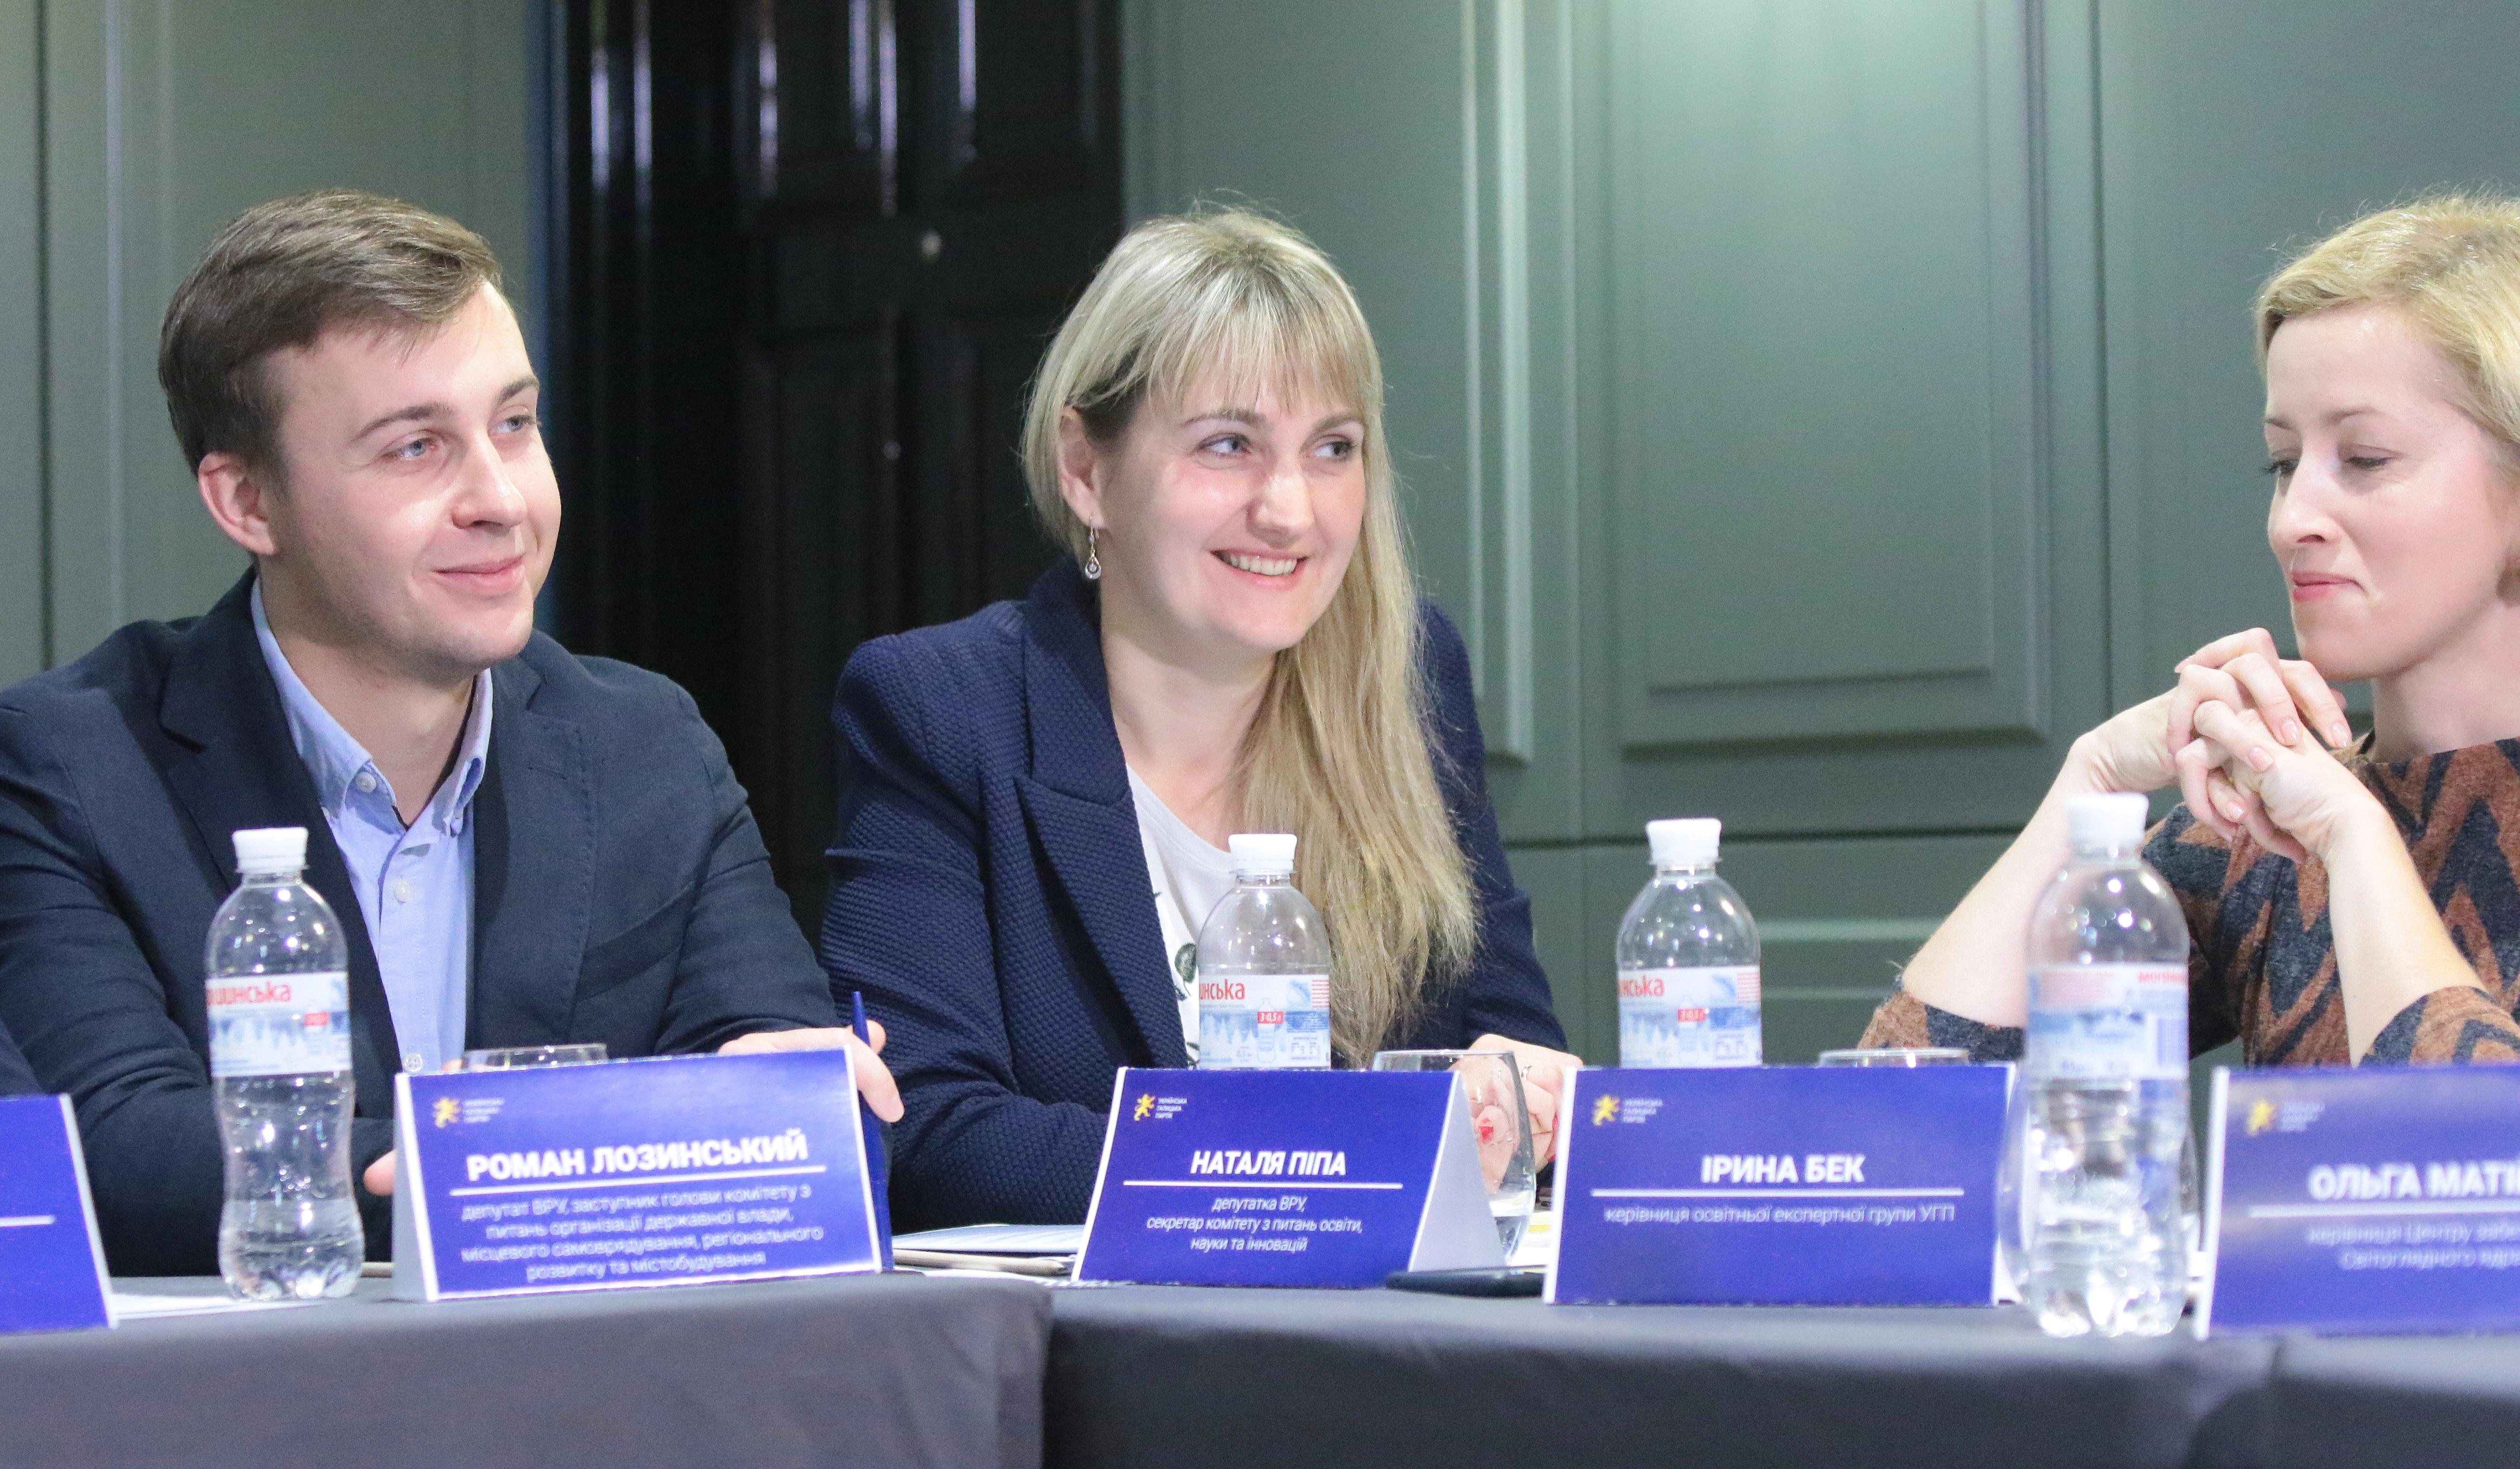 kruglyj-stil-ekspertni-rishennya-dlya-parlamentu-vid-ugp-lviv-gotel-astoriya-25-veresnya-2019-2